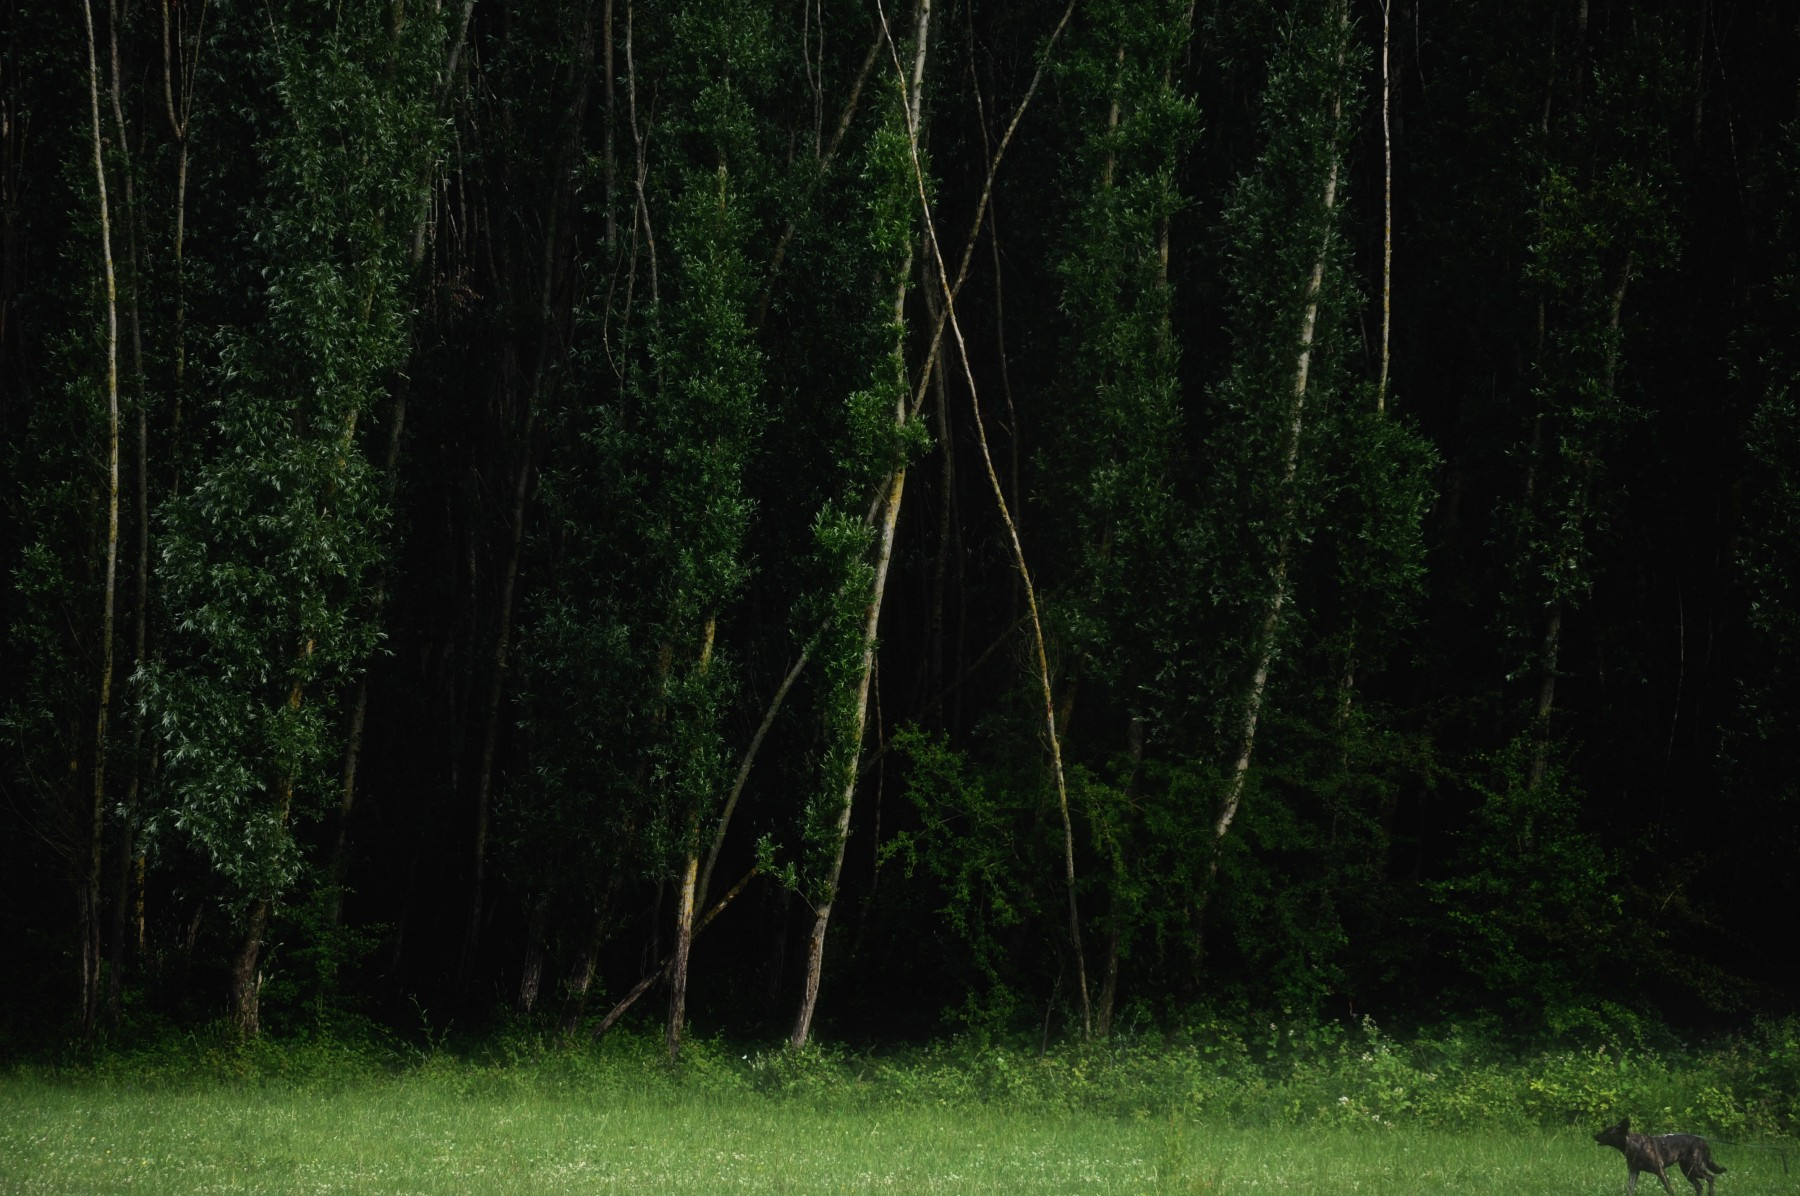 Bianca Dekkers-van Uden, Het donkere bos, Uiterwaarden Wageningen